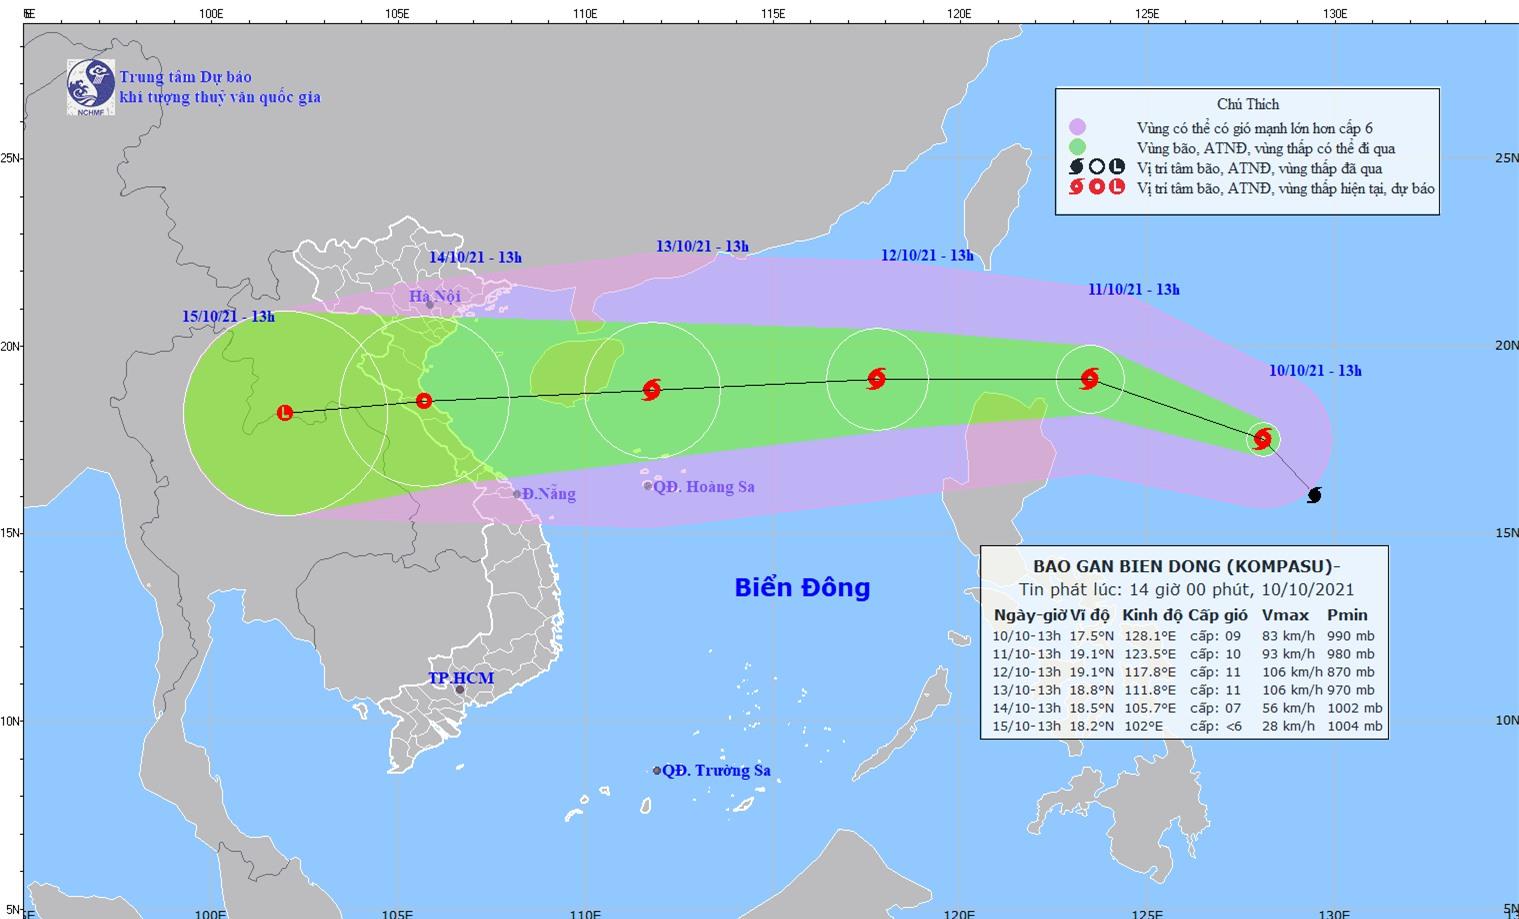 Bão Kompasu tăng tốc vào Biển Đông, gió giật cấp 11